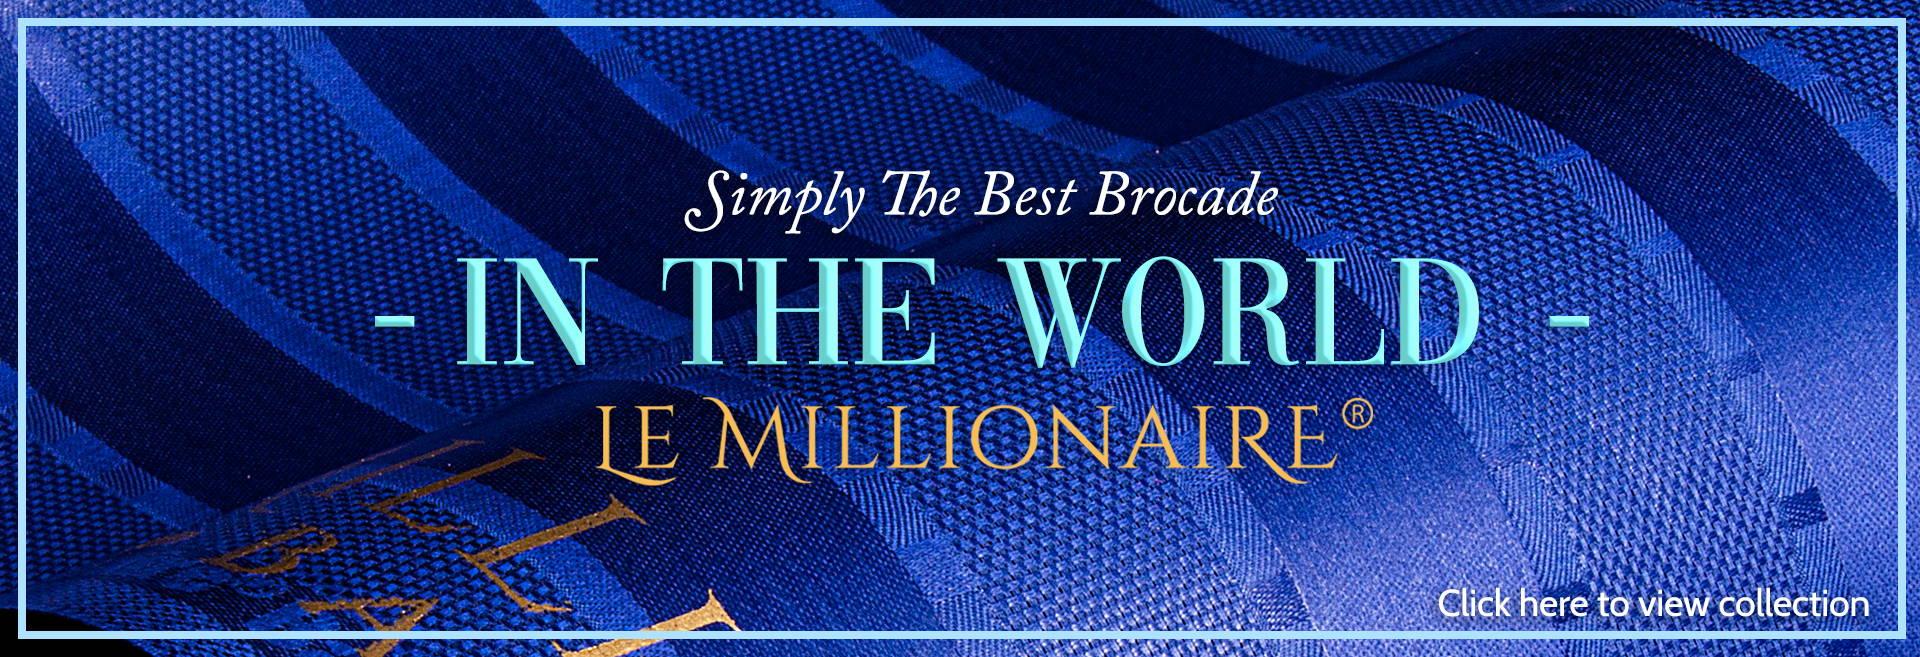 le millionaire bazin brocade